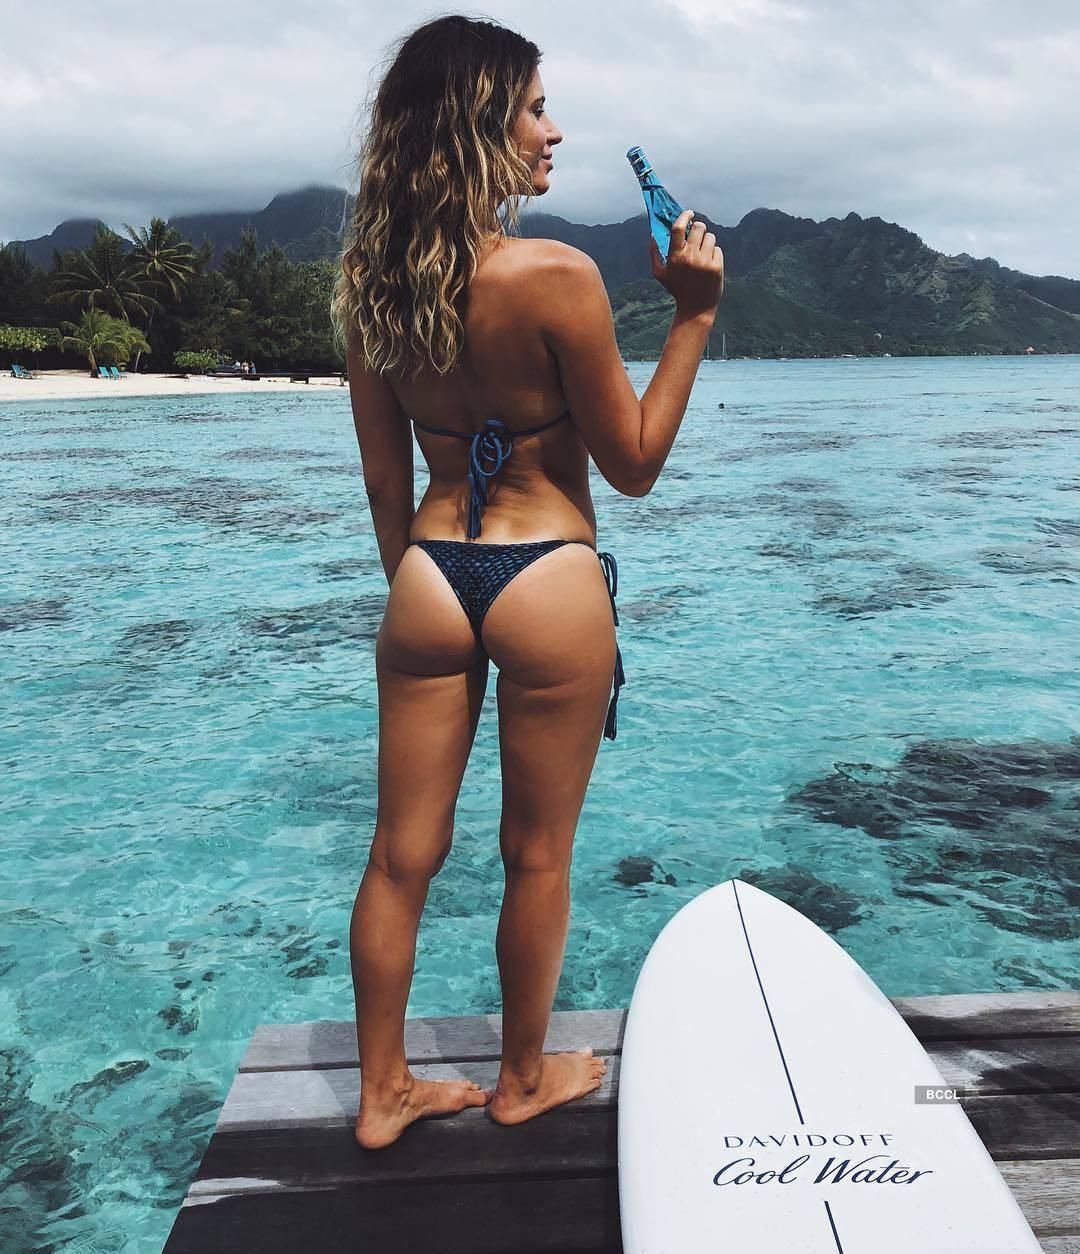 The surfing stunner Anastasia